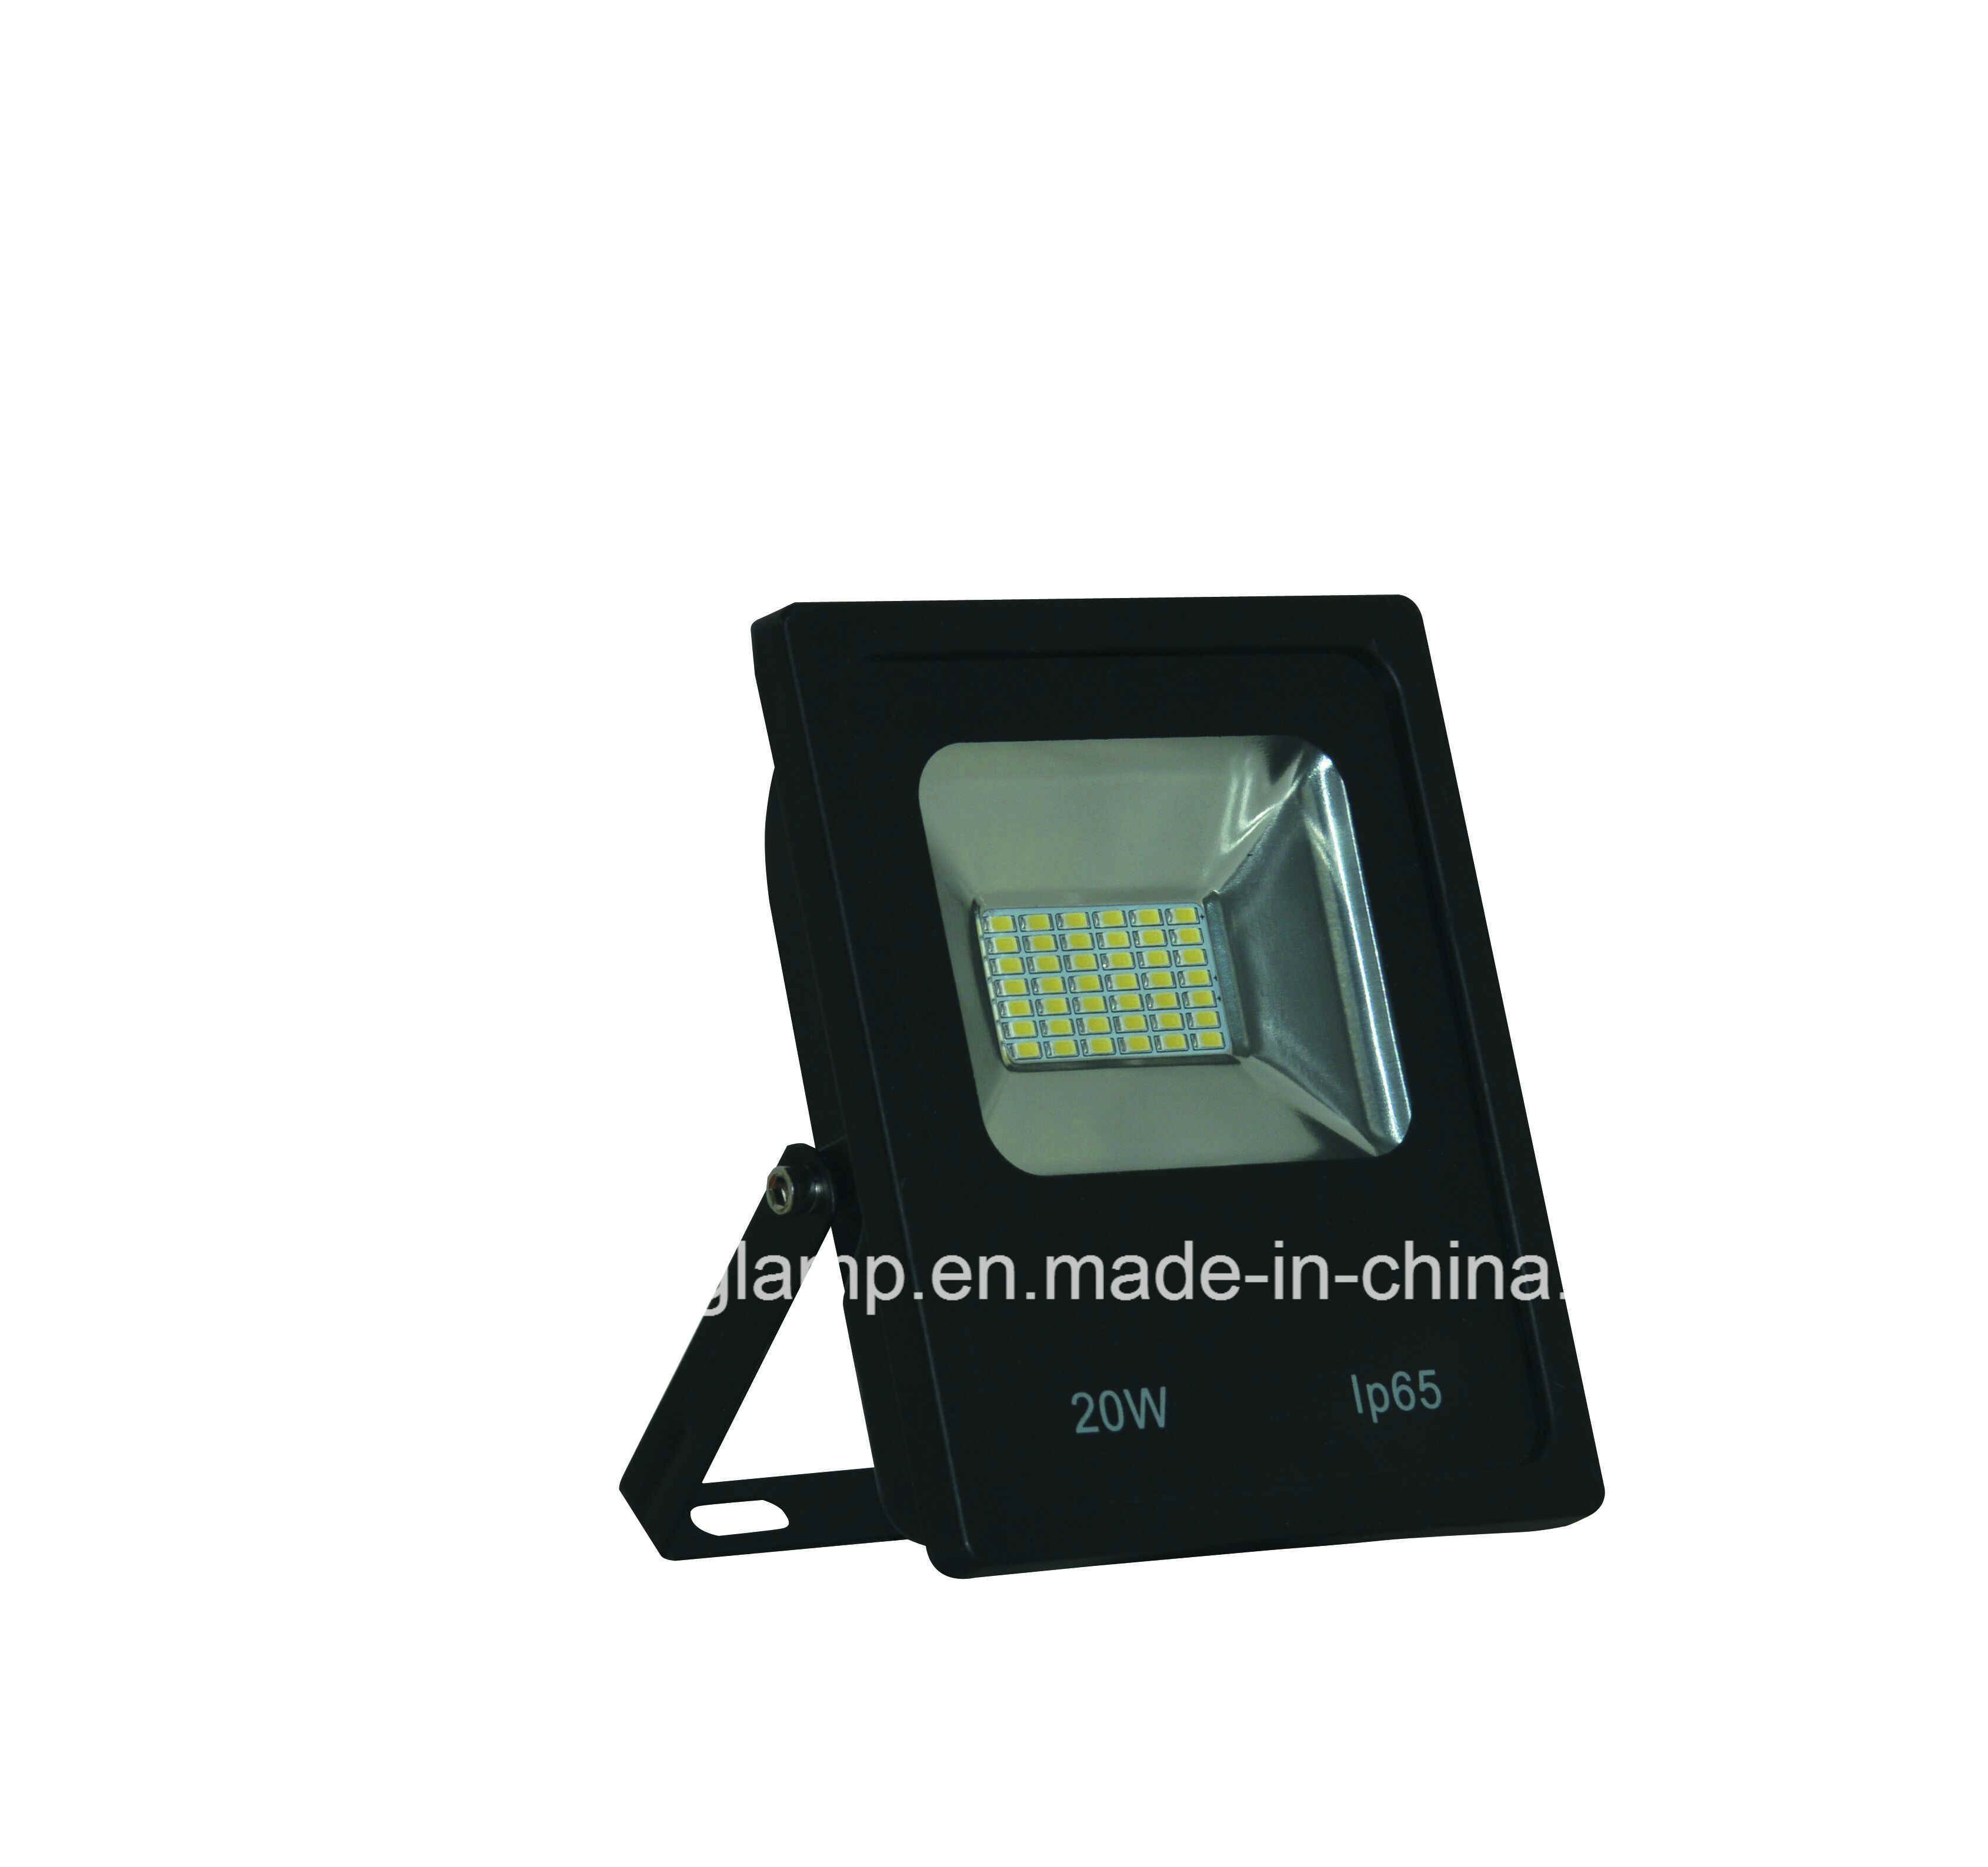 LED Flood Light SMD 20W Ce RoHS